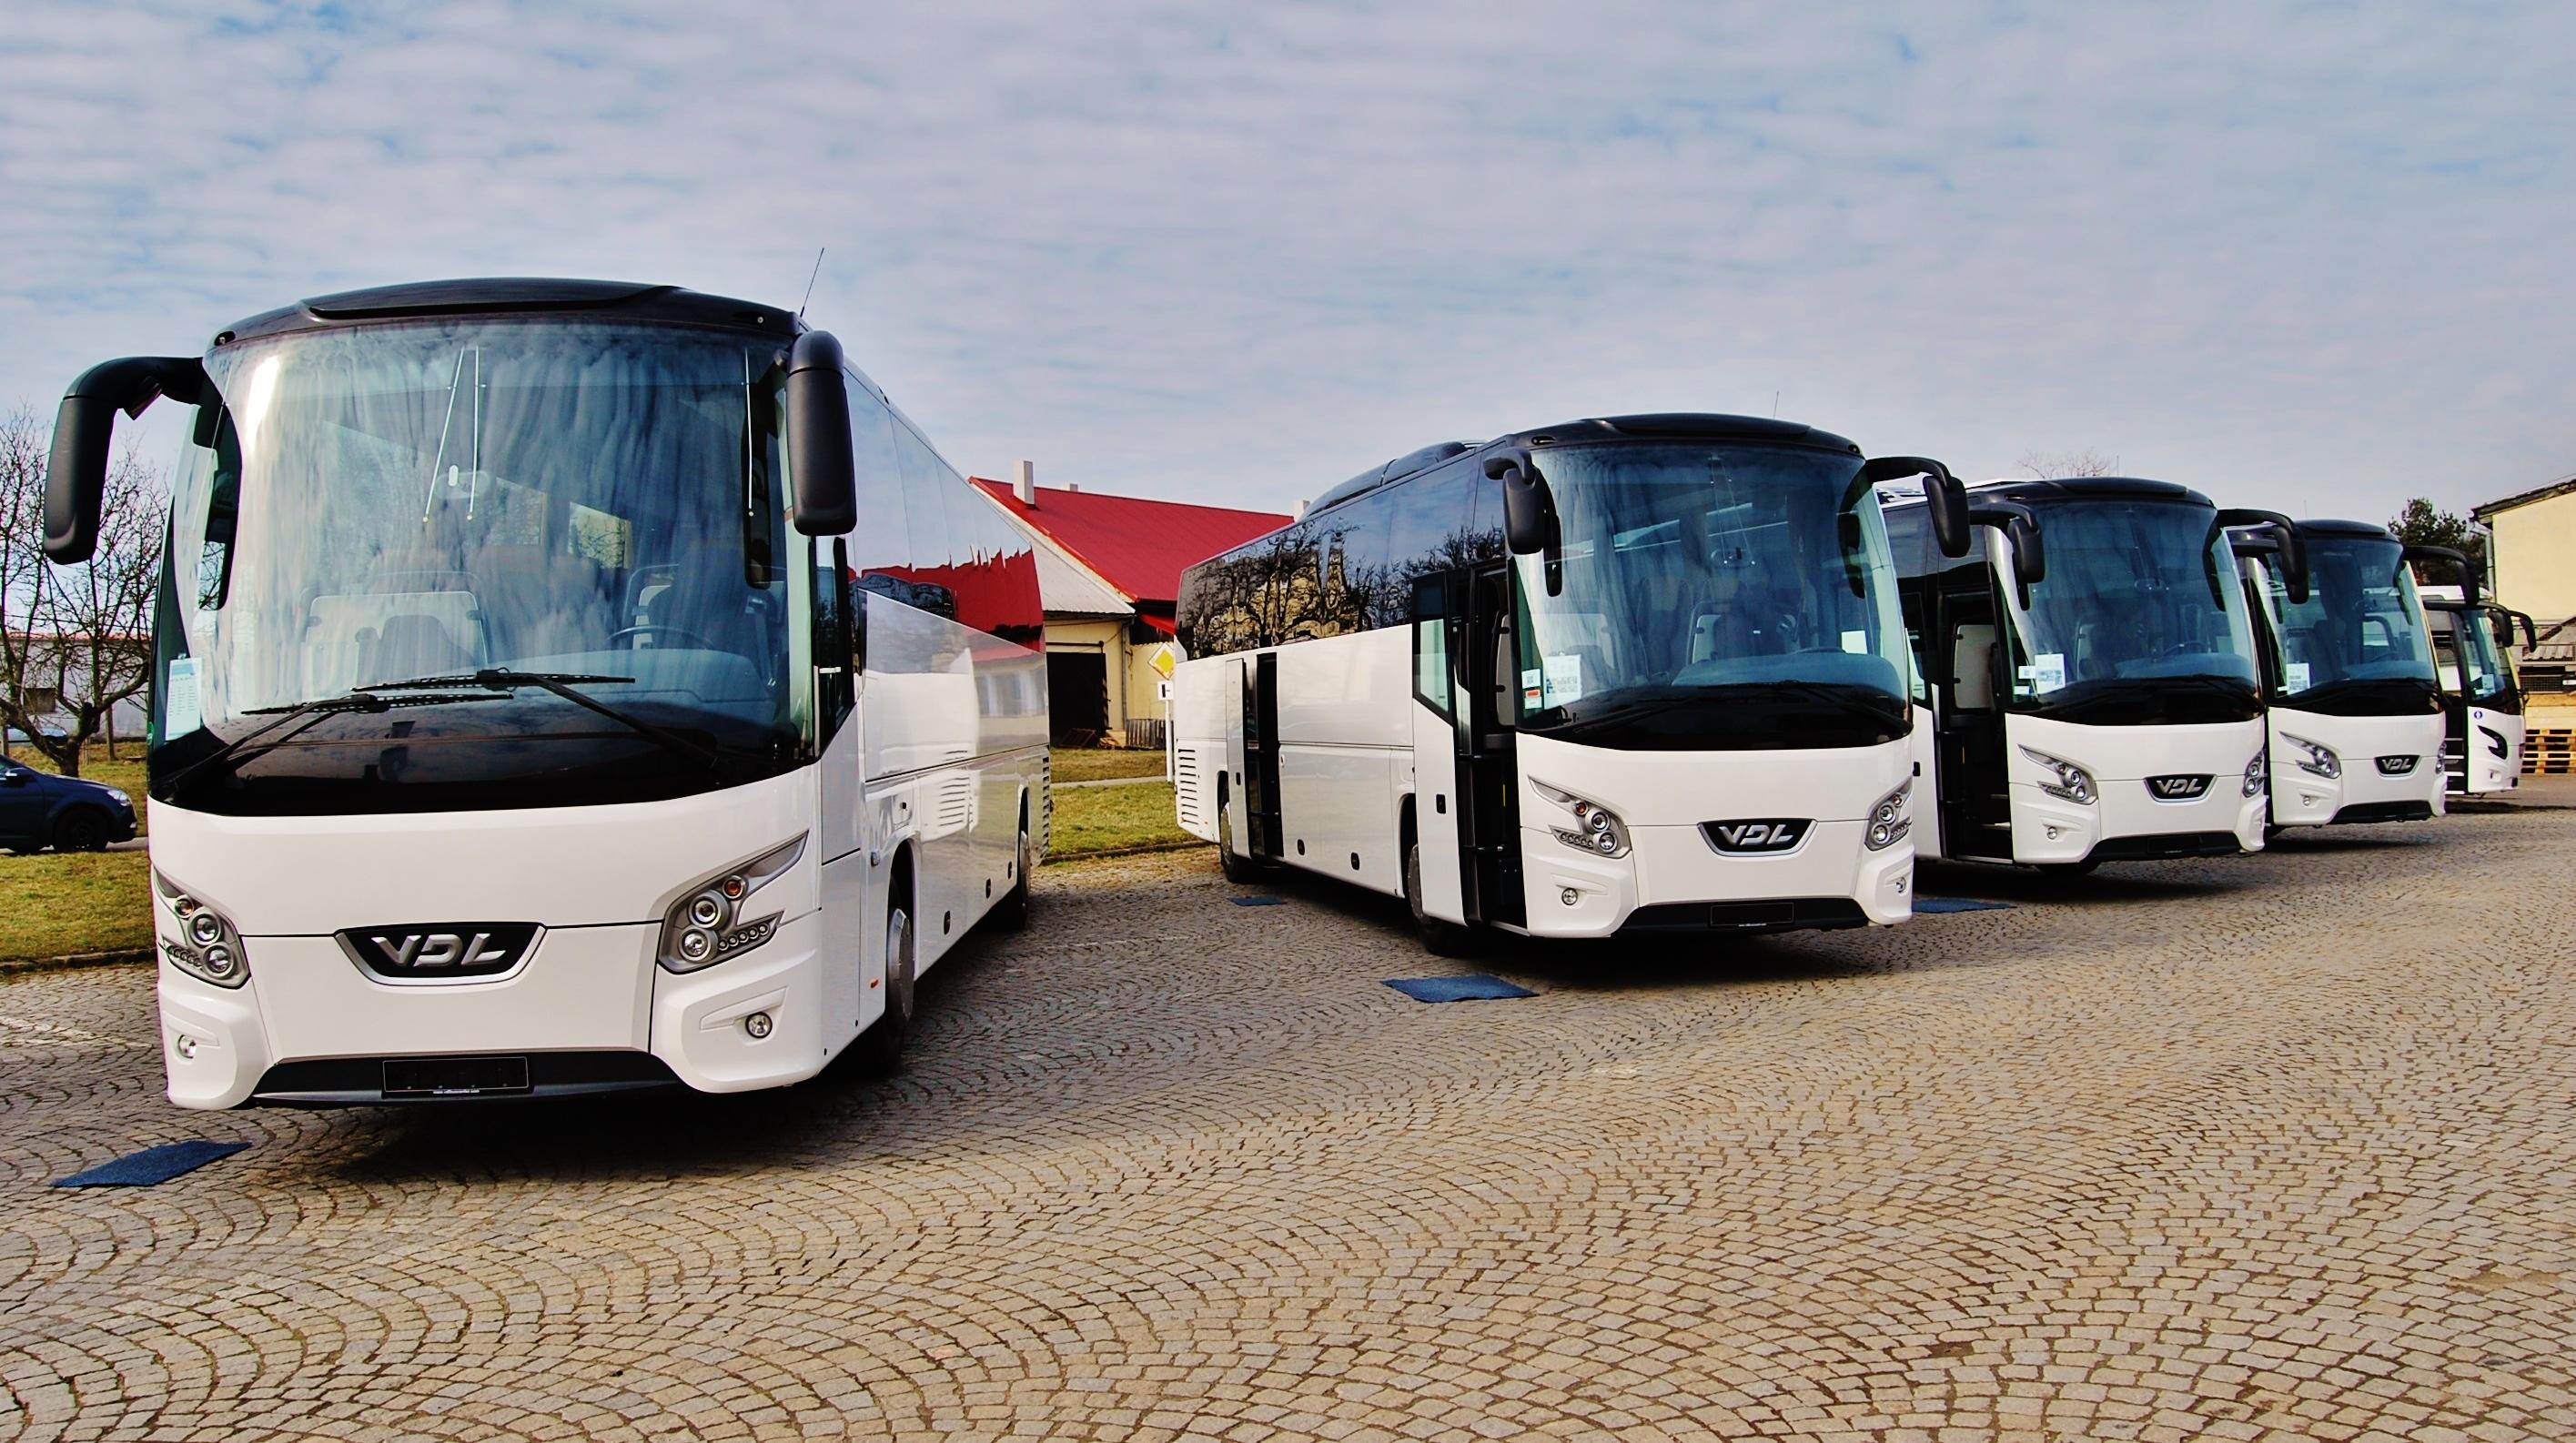 Autobusy na jarní  výstavě VDL 2014, foto: Zdeněk Nesveda